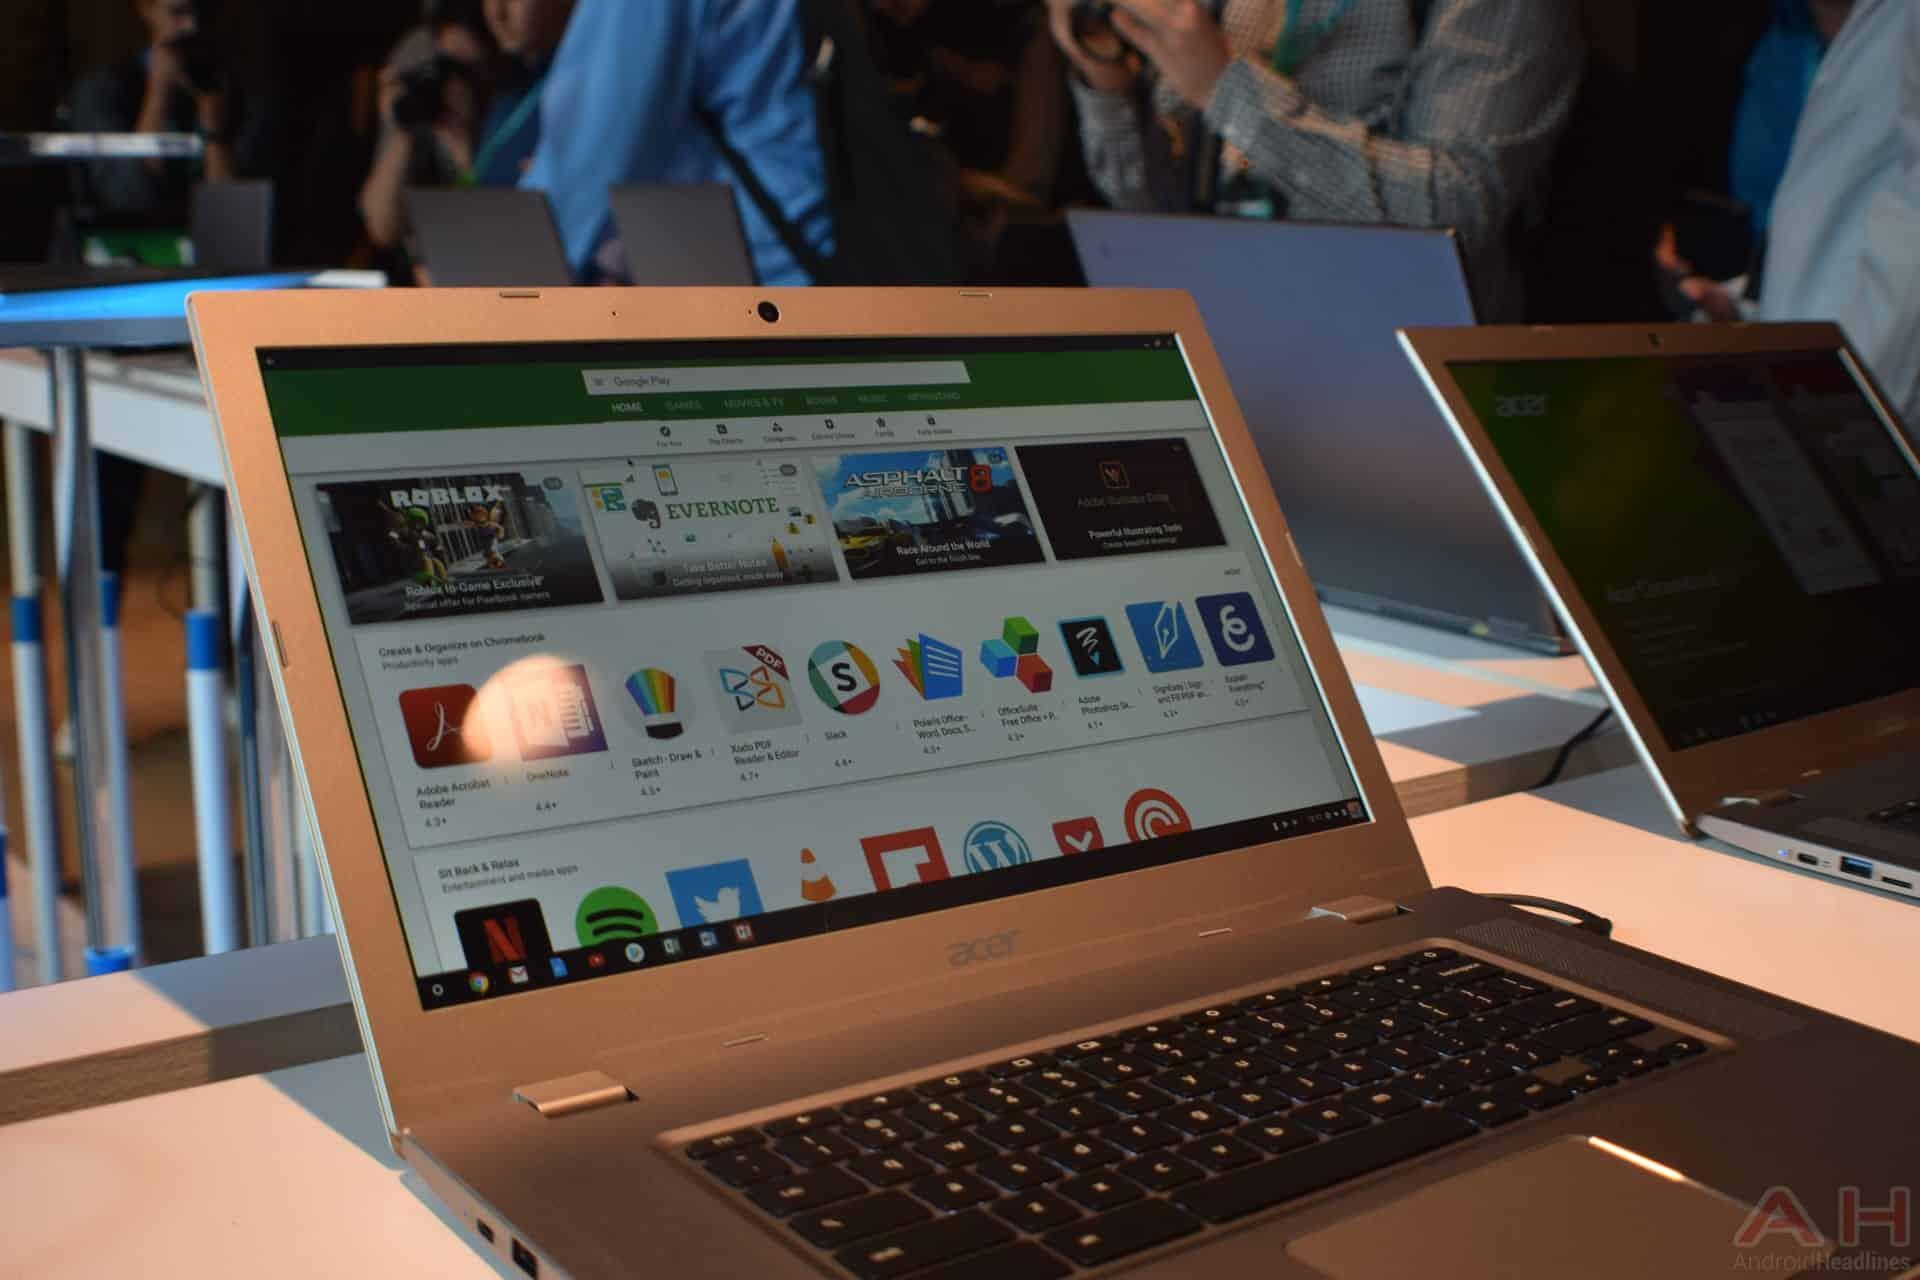 Acer Chromebook 15 AM AH 5